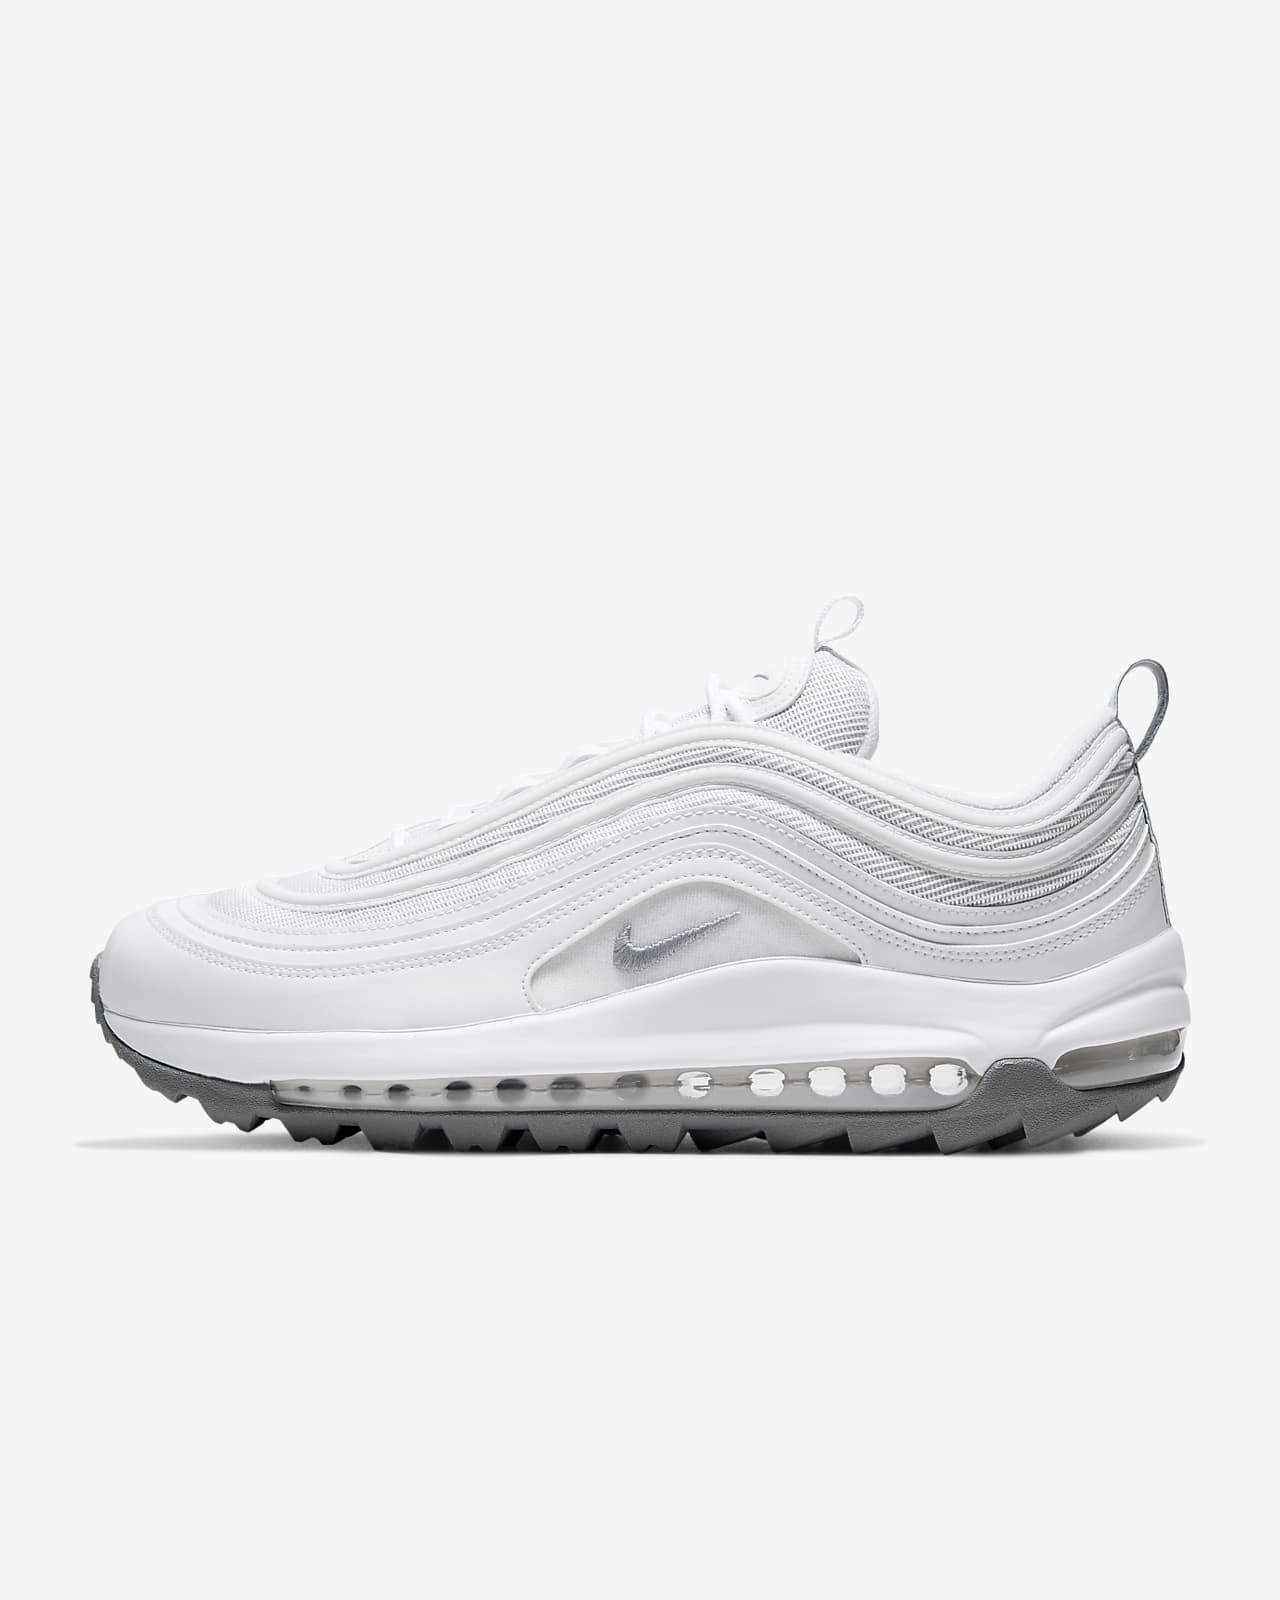 Nike Air Max 97 G Golf Shoe